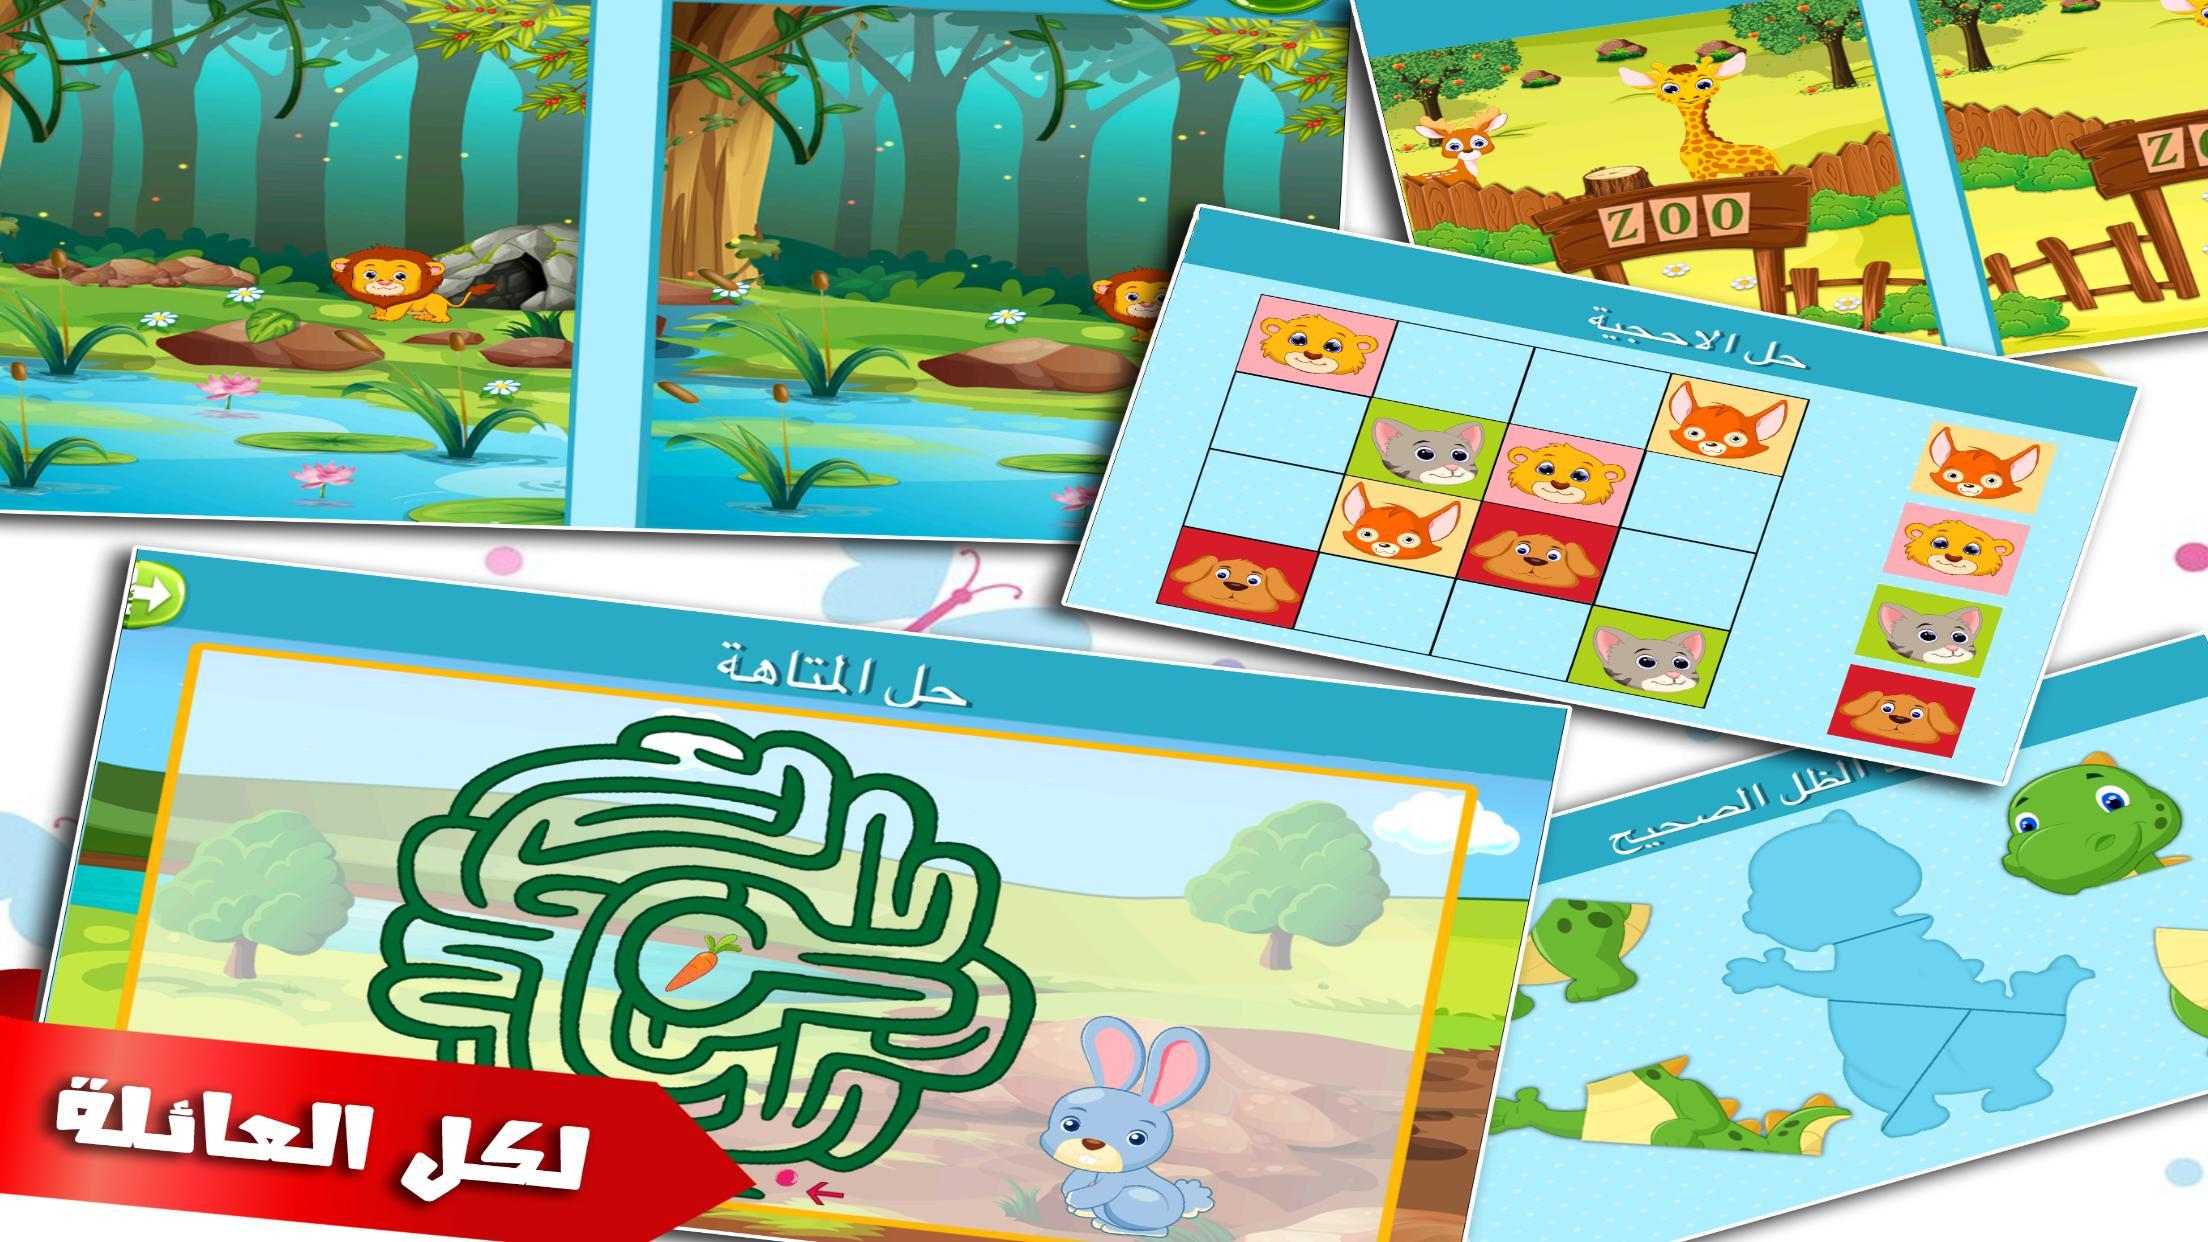 العاب ذكاء اطفال و بنات تعليمية التعليم و الذكاء 1.0.1 Screenshot 3